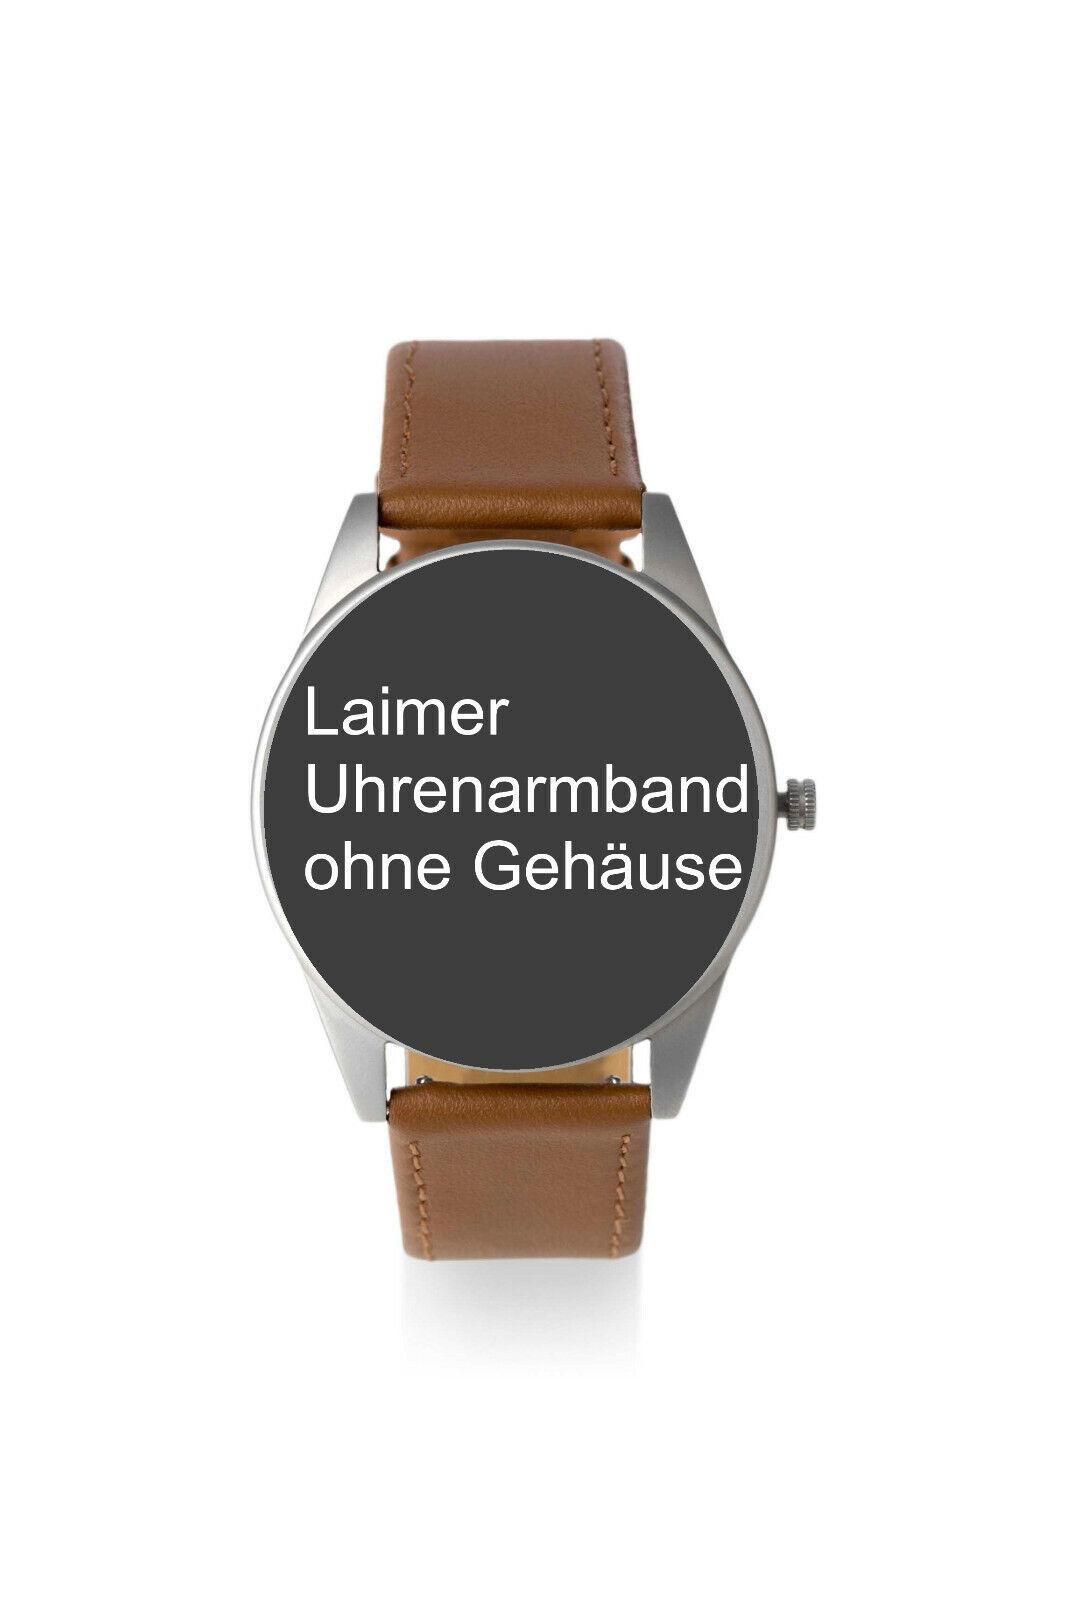 Laimer Uhrenarmband, Armband 20 mm Breit Dornschließe braun f Modell 74 78 76